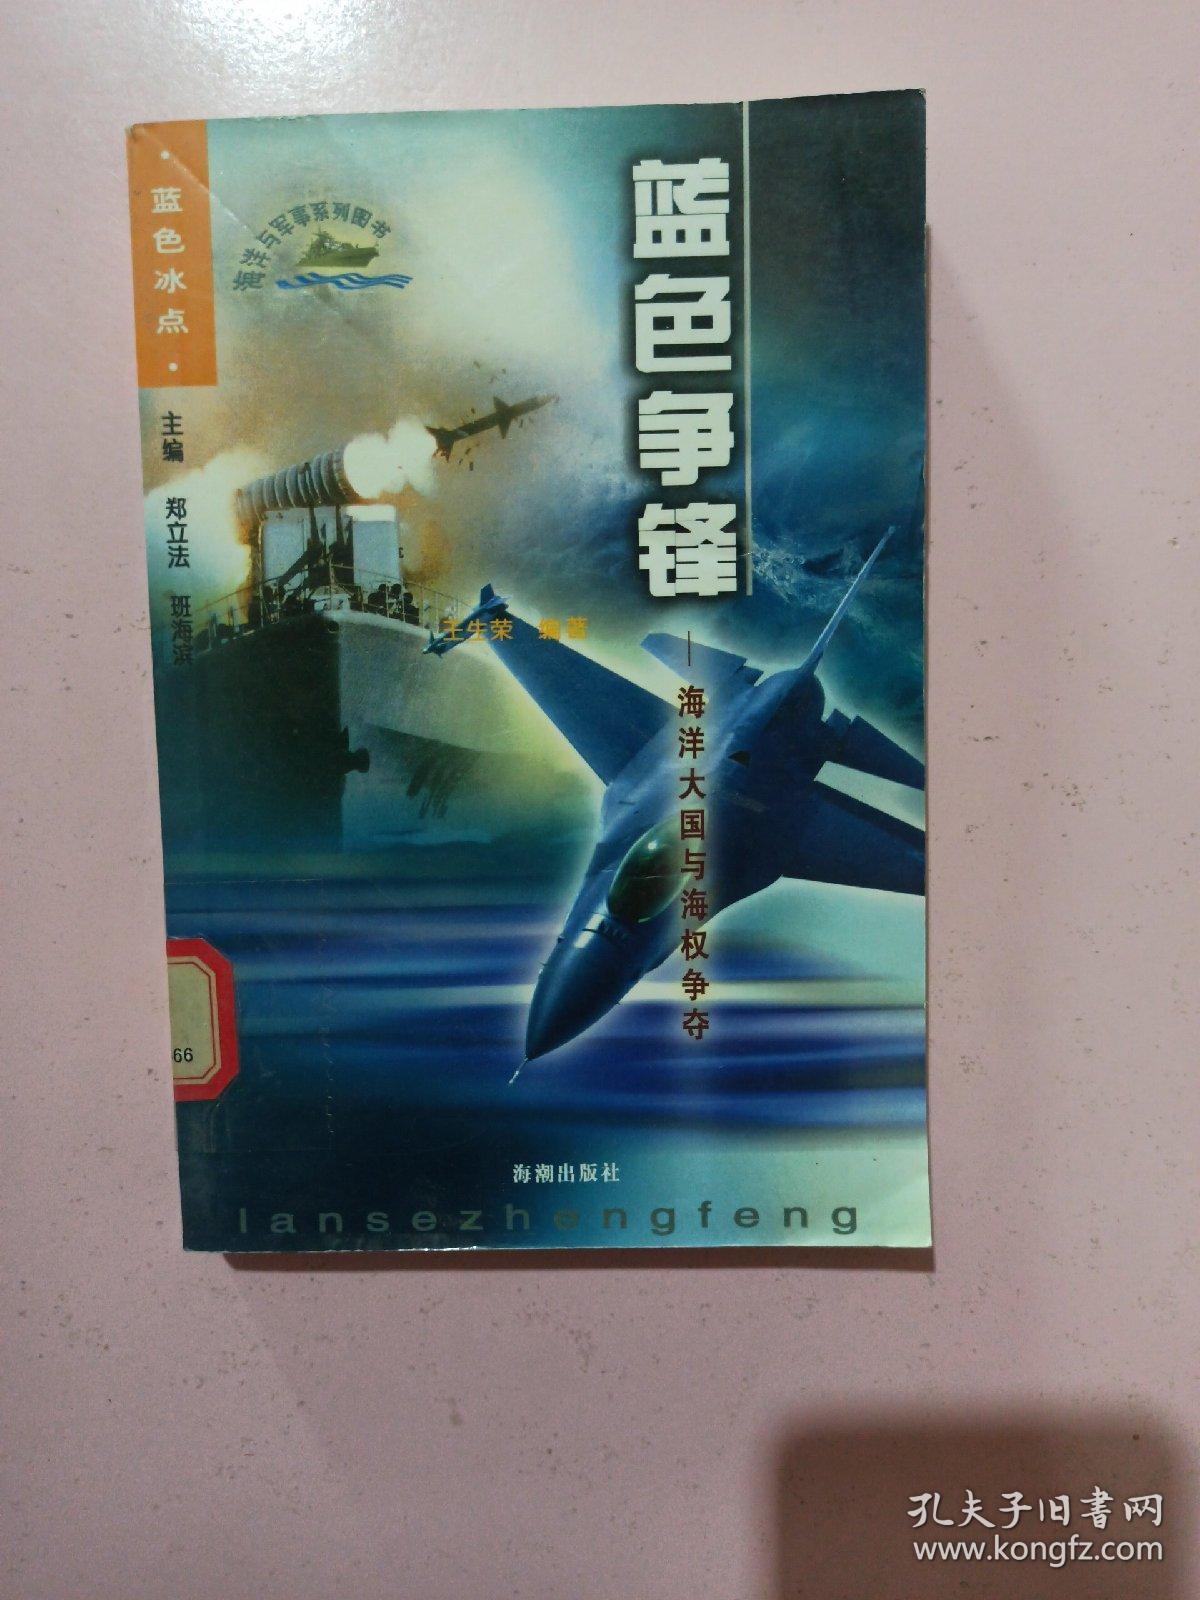 蓝色争锋:海洋大国与海权争夺